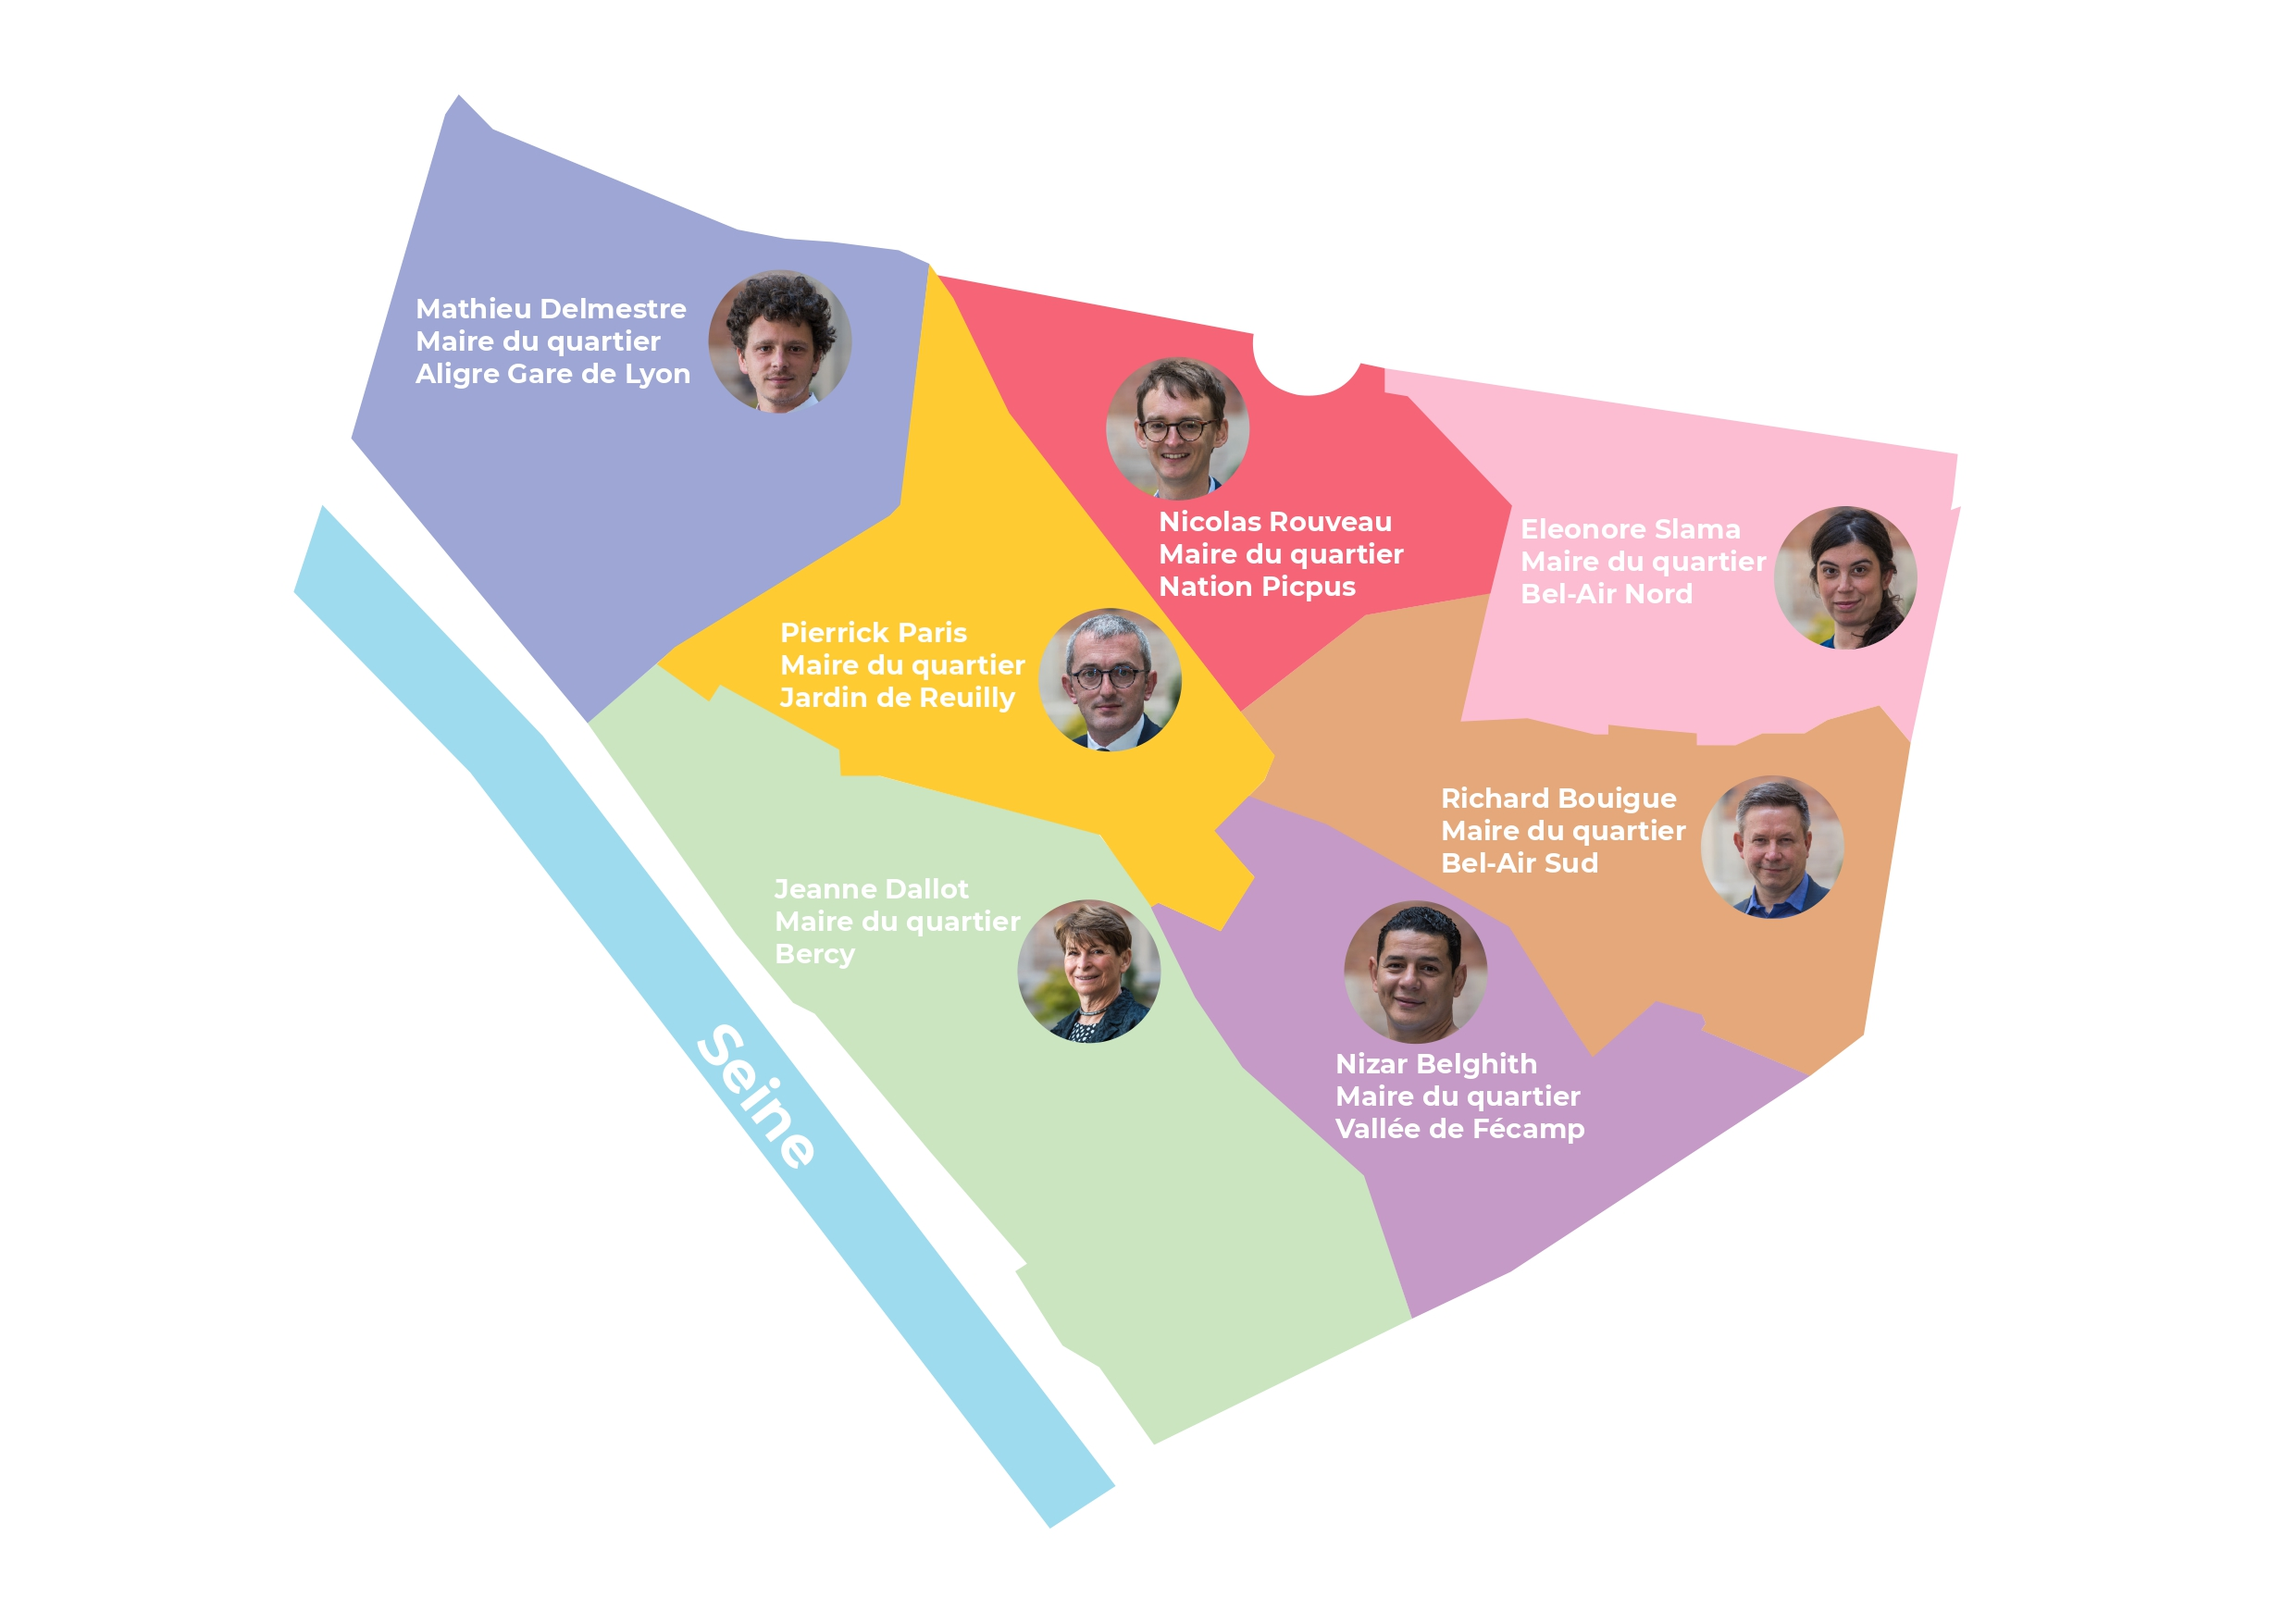 Carte du 12e arrondissement indiquant pour chaque quartier son maire de quartier.